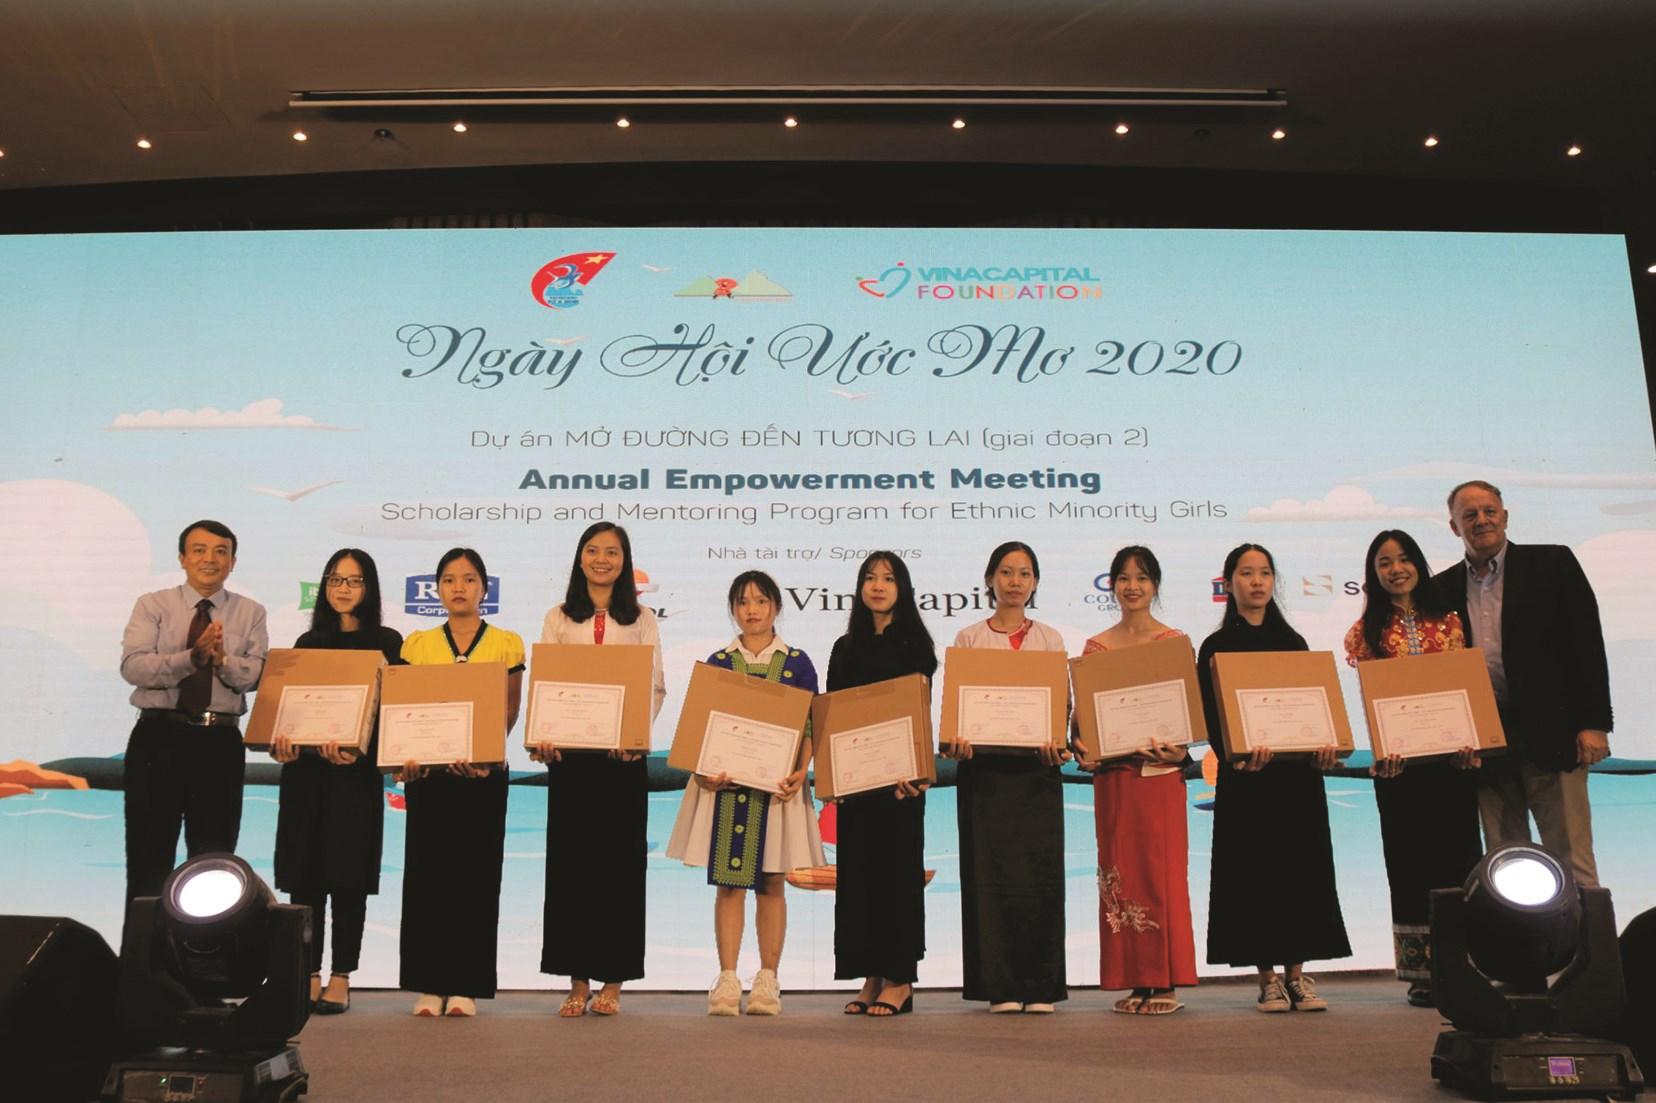 """Các nữ sinh nhận được học bổng Dự án """"Mở đường đến tương lai"""", giai đoạn 2"""